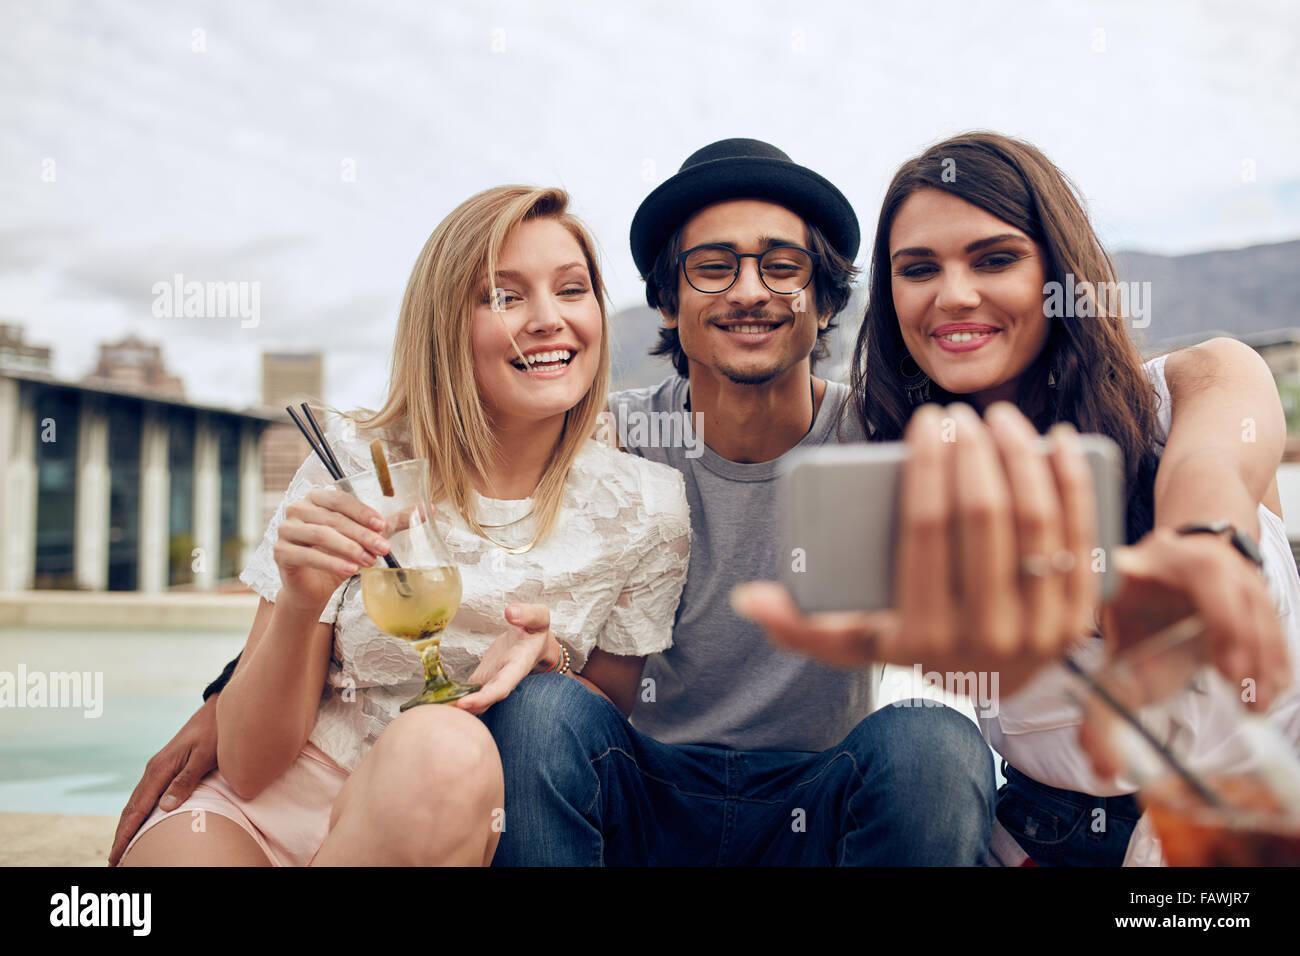 Jóvenes tomando autorretrato con teléfono inteligente durante una fiesta. Los jóvenes hombres y mujeres teniendo selfie en parte en la azotea. O colgantes Foto de stock